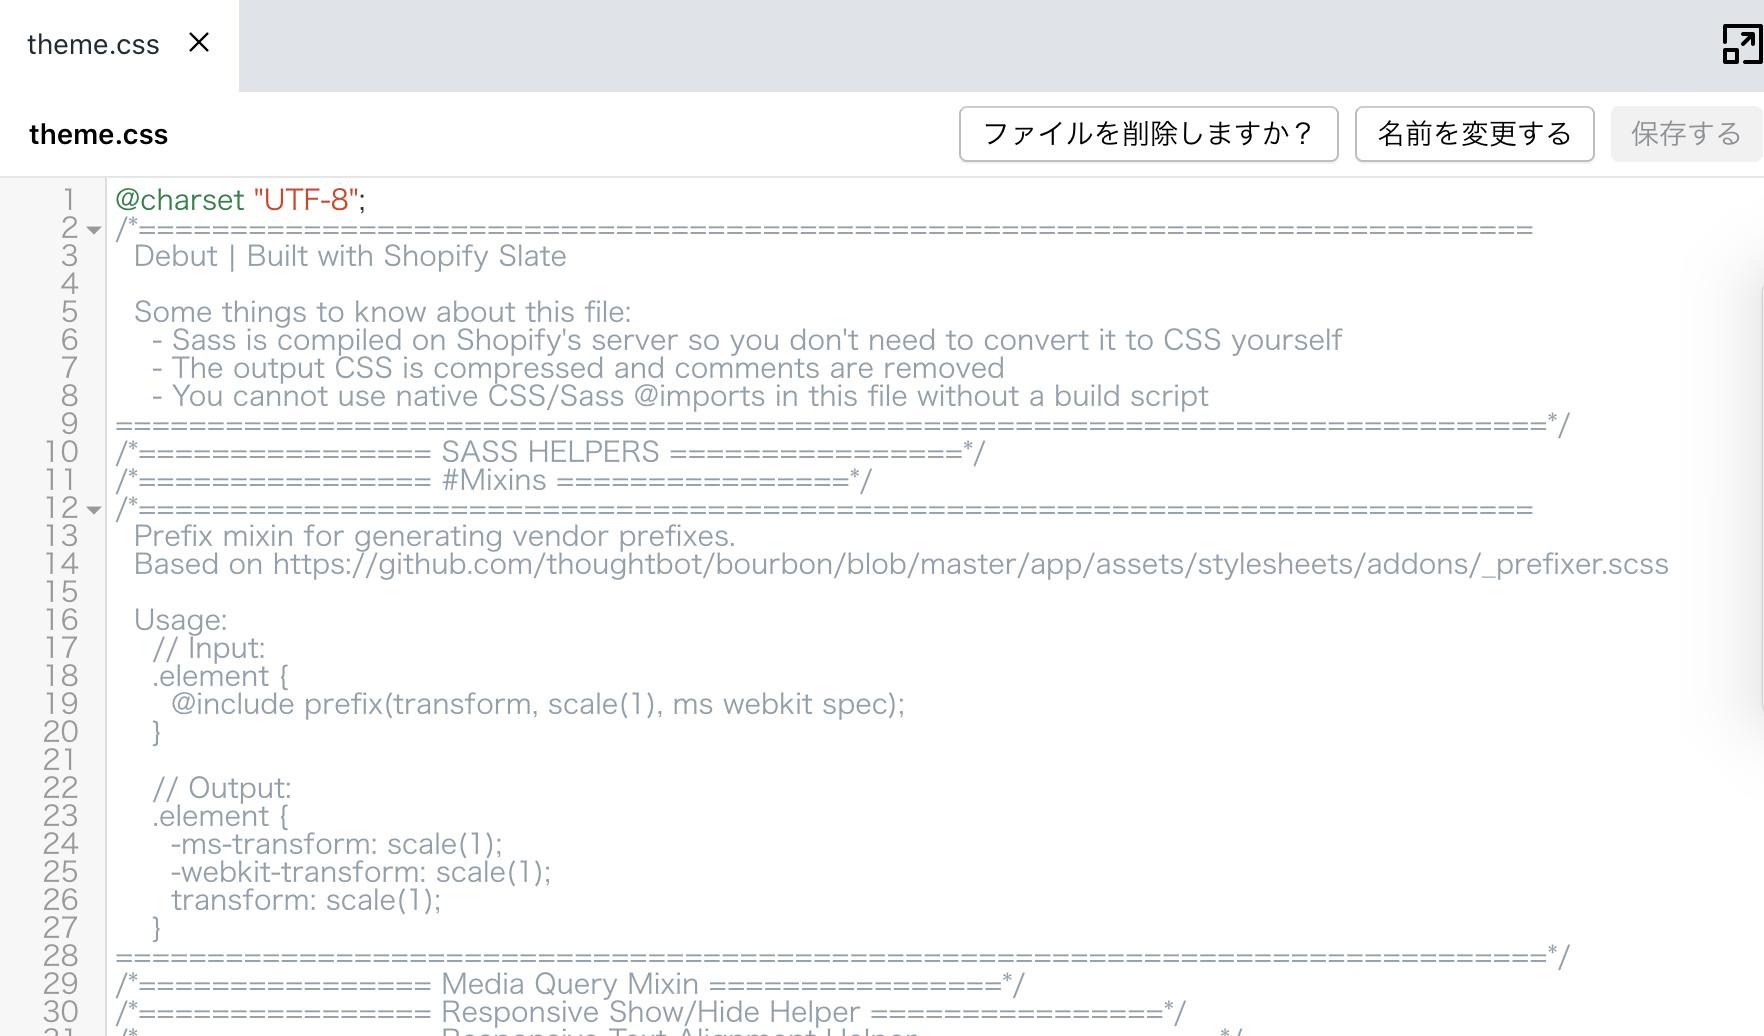 アイキャッチ画像:Shopify で実際に設定した CSS の環境構築